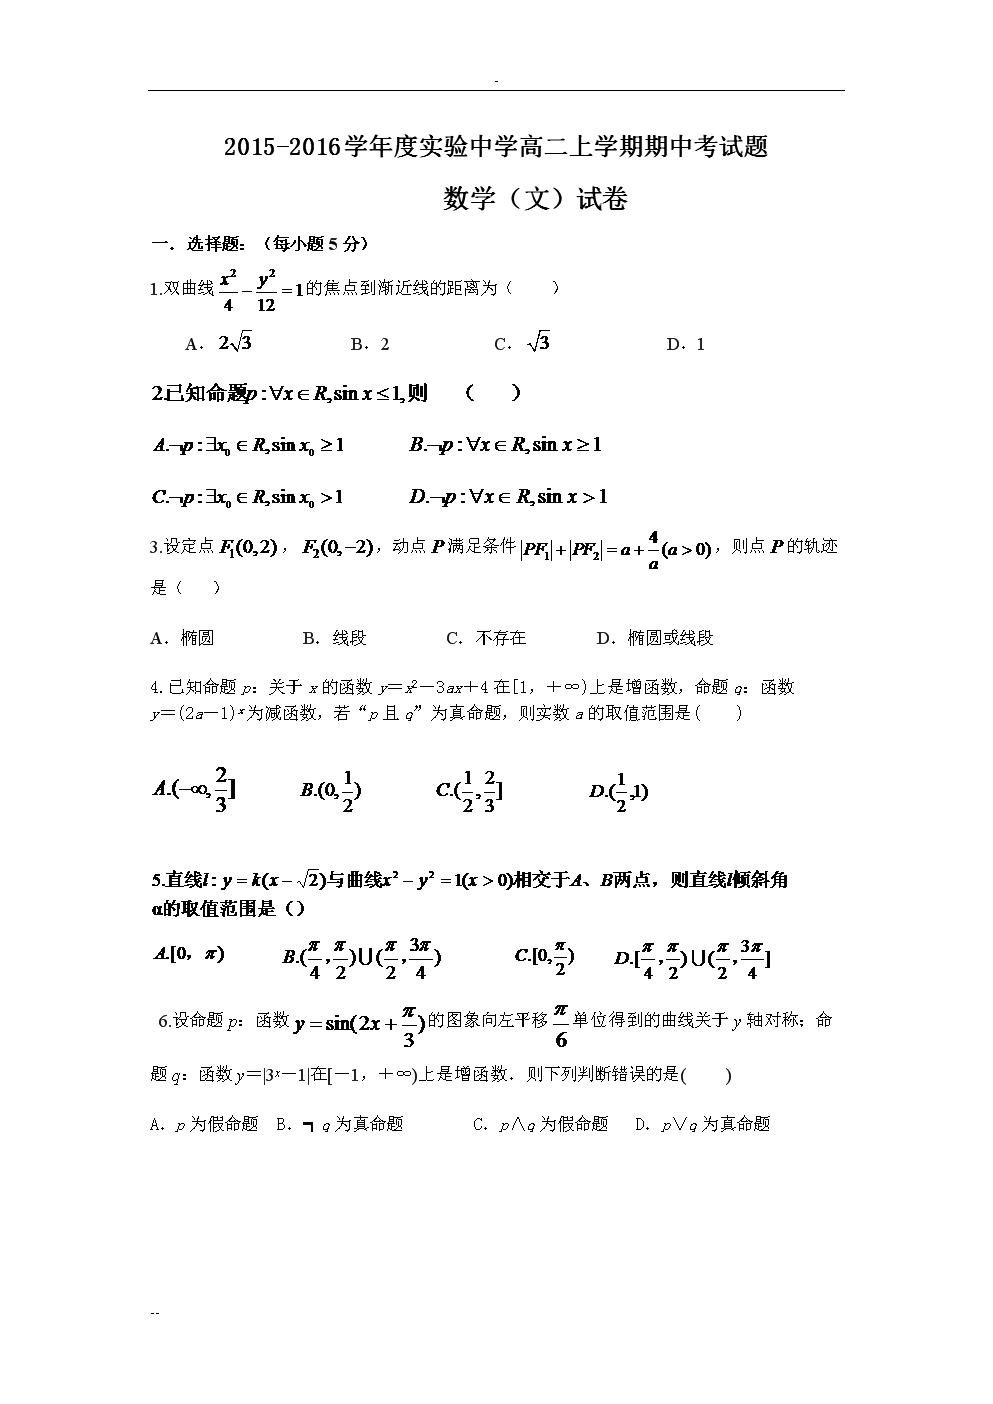 20152016学年度实验中学高二上学期期中考试题.doc